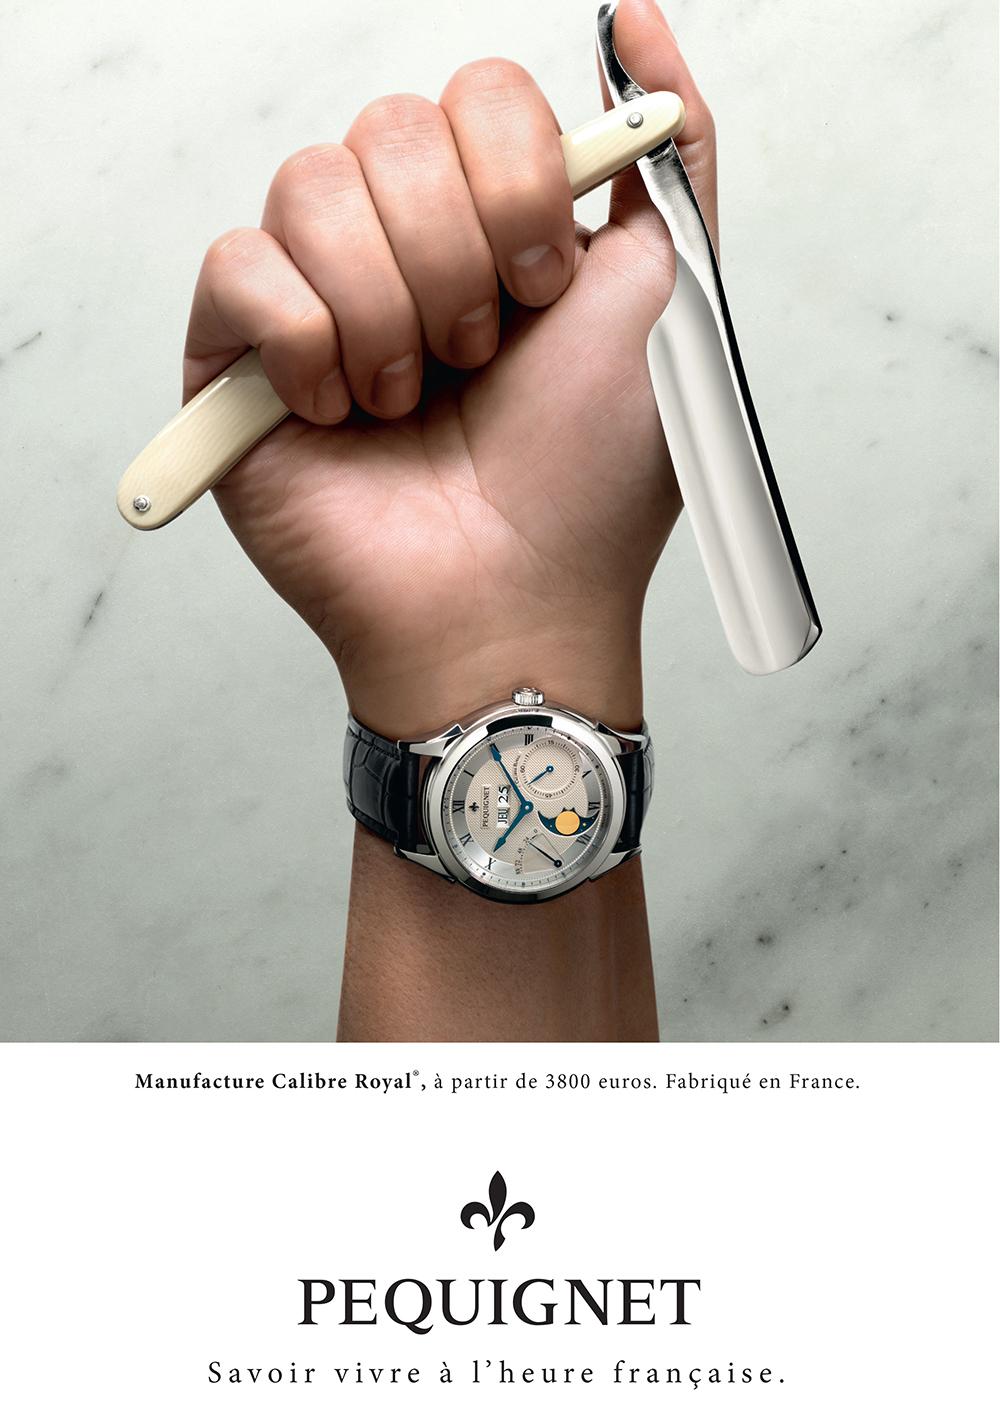 pequignet-montres-publicite-marketing-luxe-savoir-vivre-poignet-agence-buy-ideas-2015-3